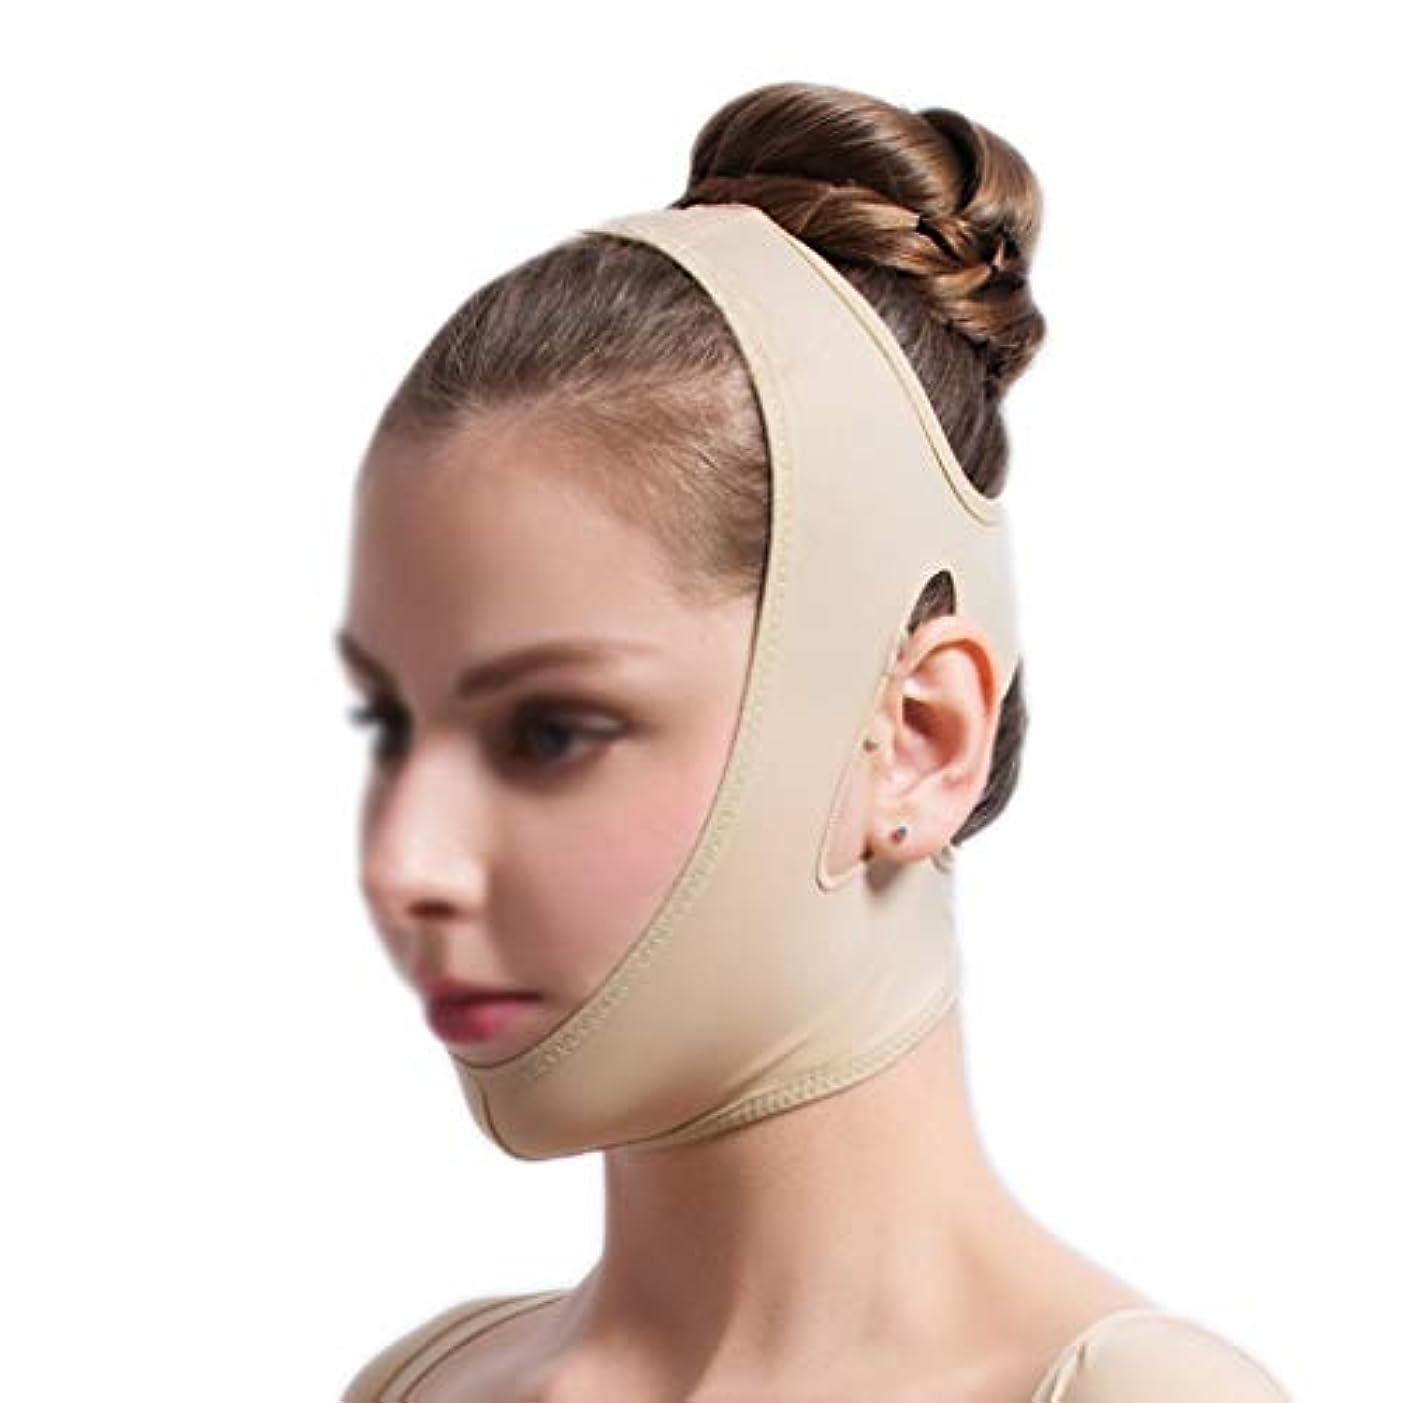 ジム気分が良い太陽XHLMRMJ フェイスリフティング包帯、フェイシャル減量マスク、フェイシャルリフティング痩身ベルト、痩身頬マスク (Size : XXL)